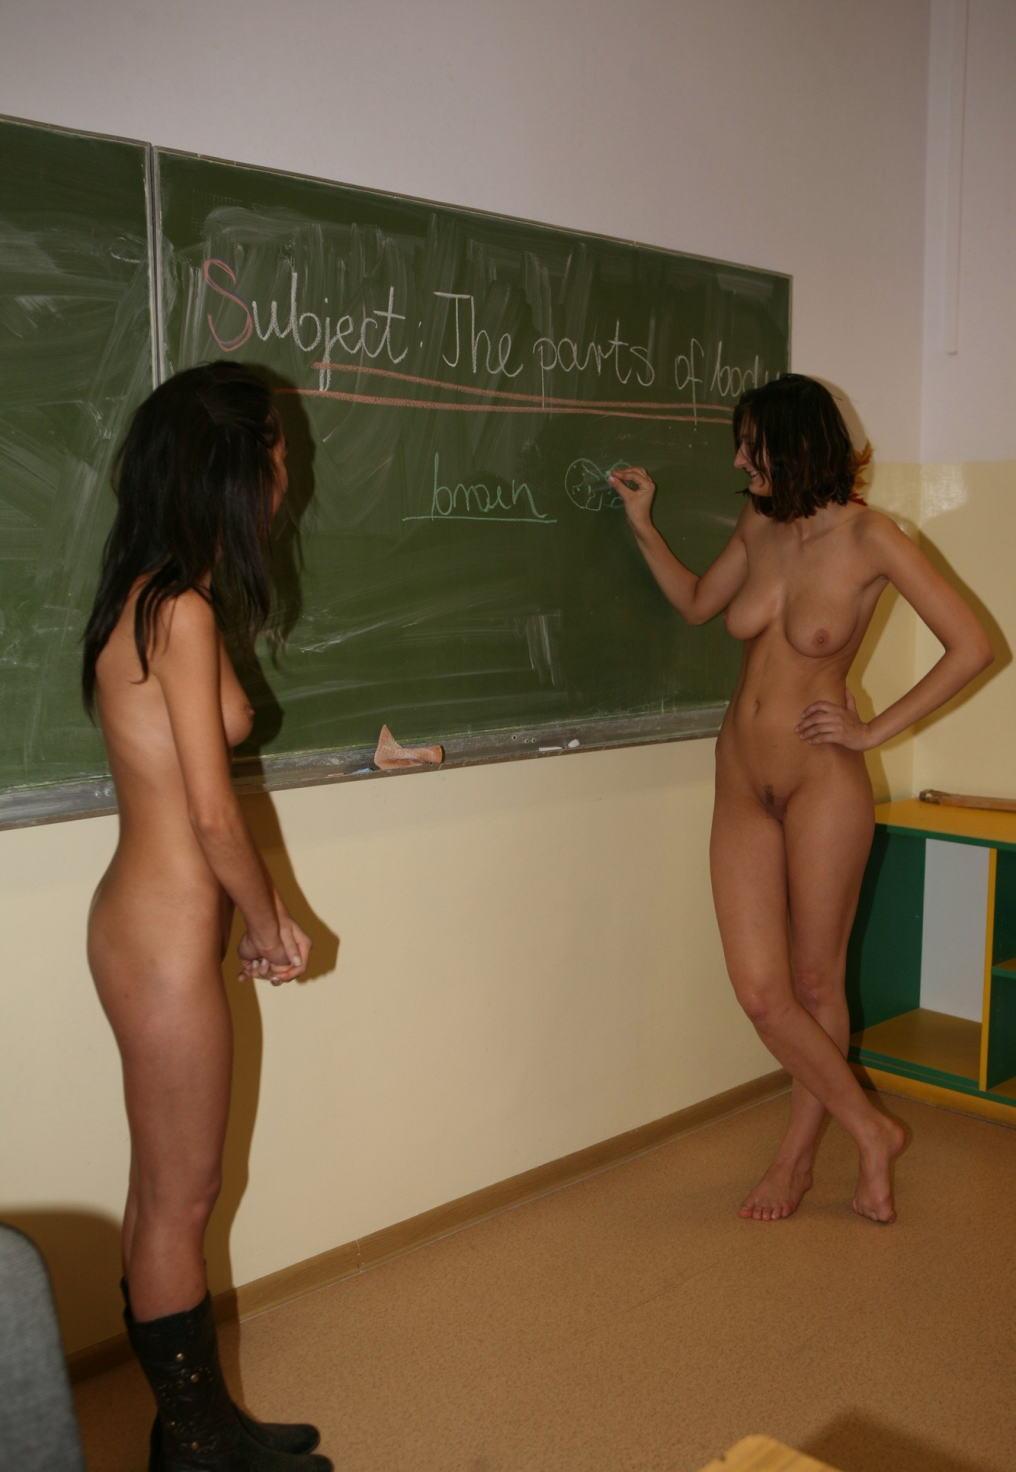 【マジキチ】強制全裸な海外の高校の様子をご覧下さいwwwwwwwwwwwwwwwwwwwwwwwwwwwwwwww(画像あり)・6枚目